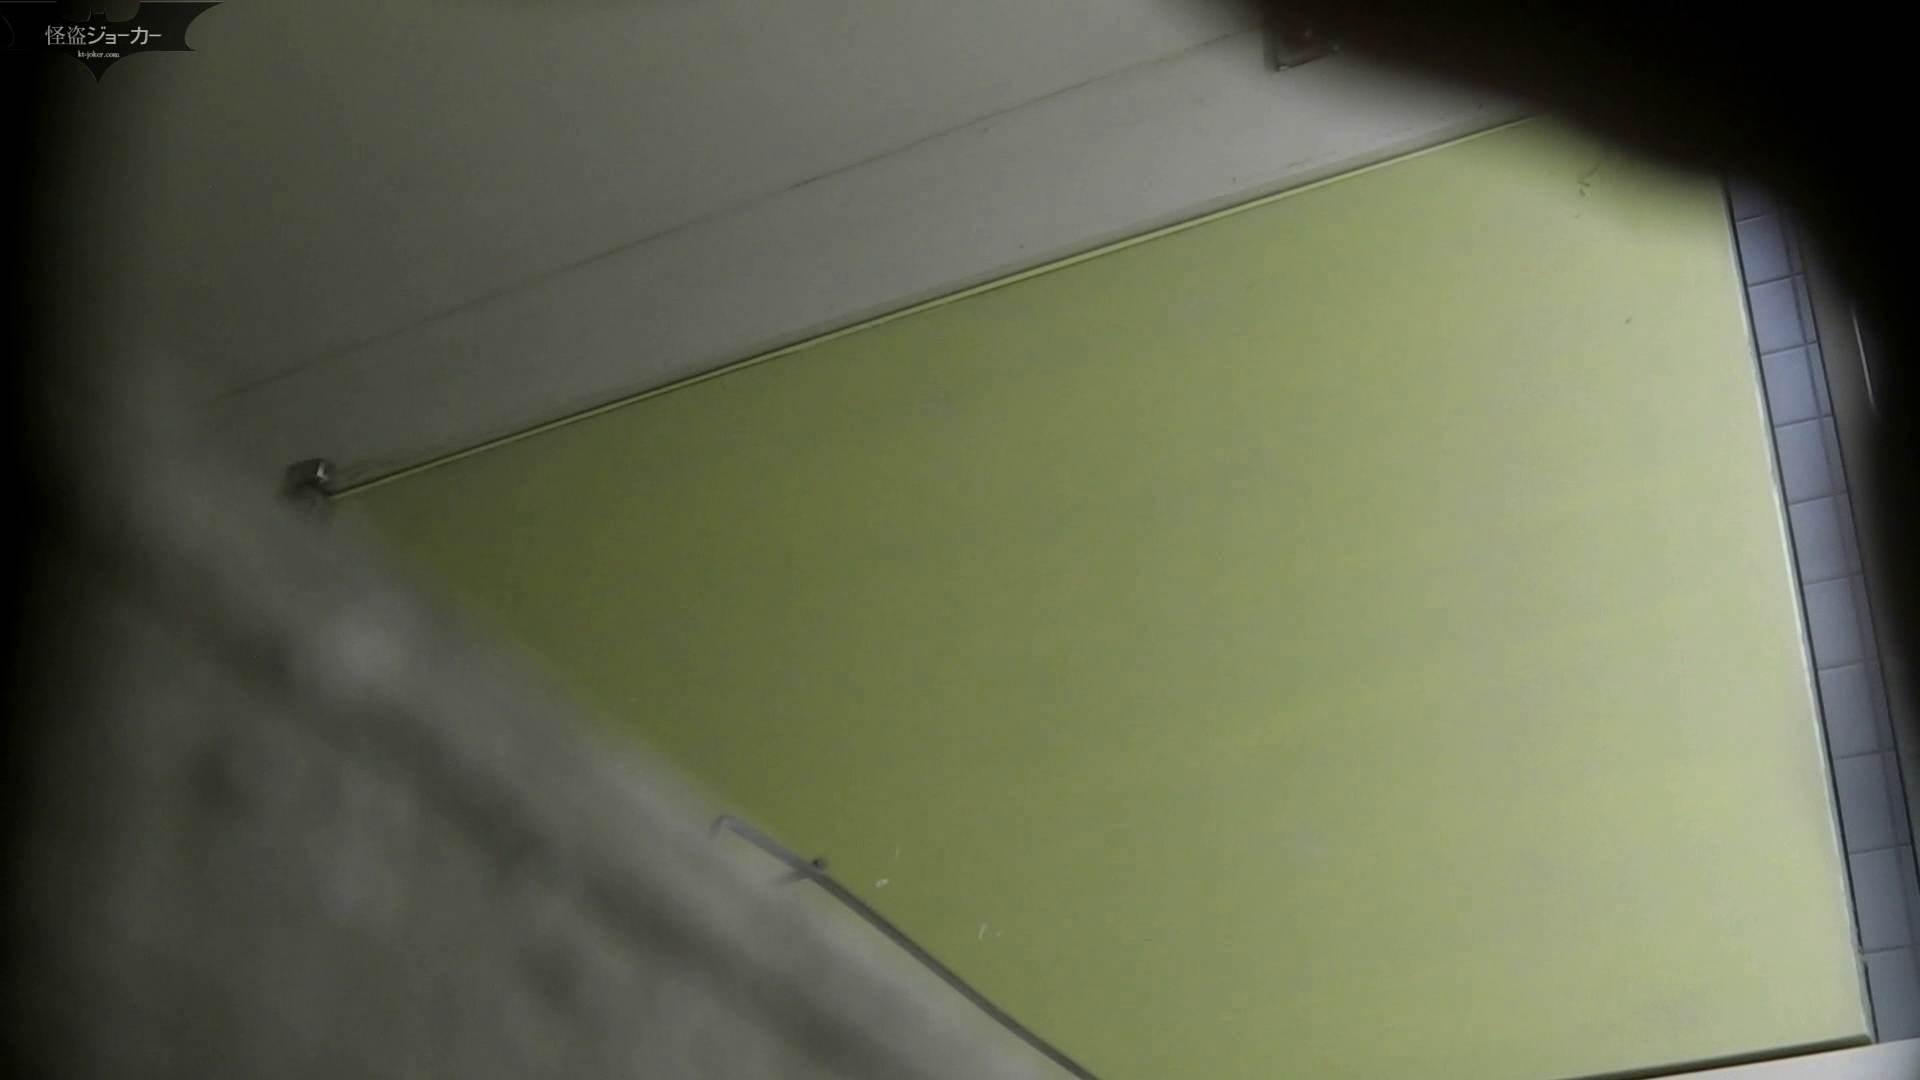 【美しき個室な世界】洗面所特攻隊 vol.051 洗面所着替え   OL  61連発 27